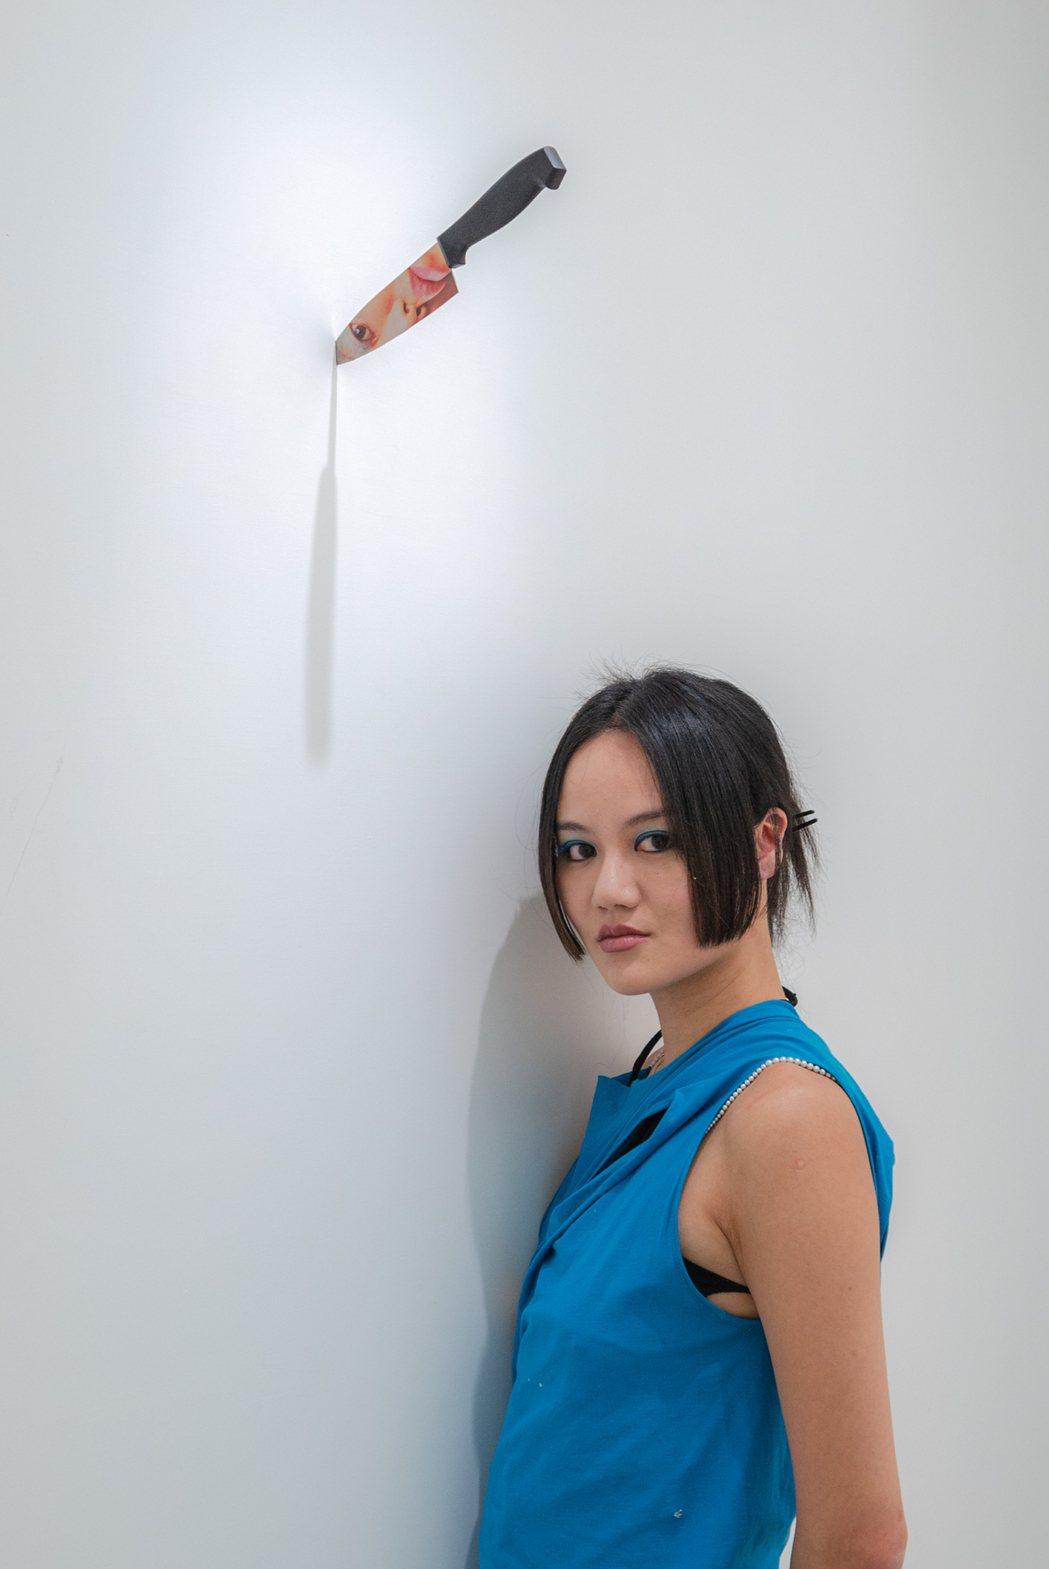 台裔視覺藝術家江宥儀出生於1991年,取得實踐大學時裝設計學士學位,現居紐約。 ...